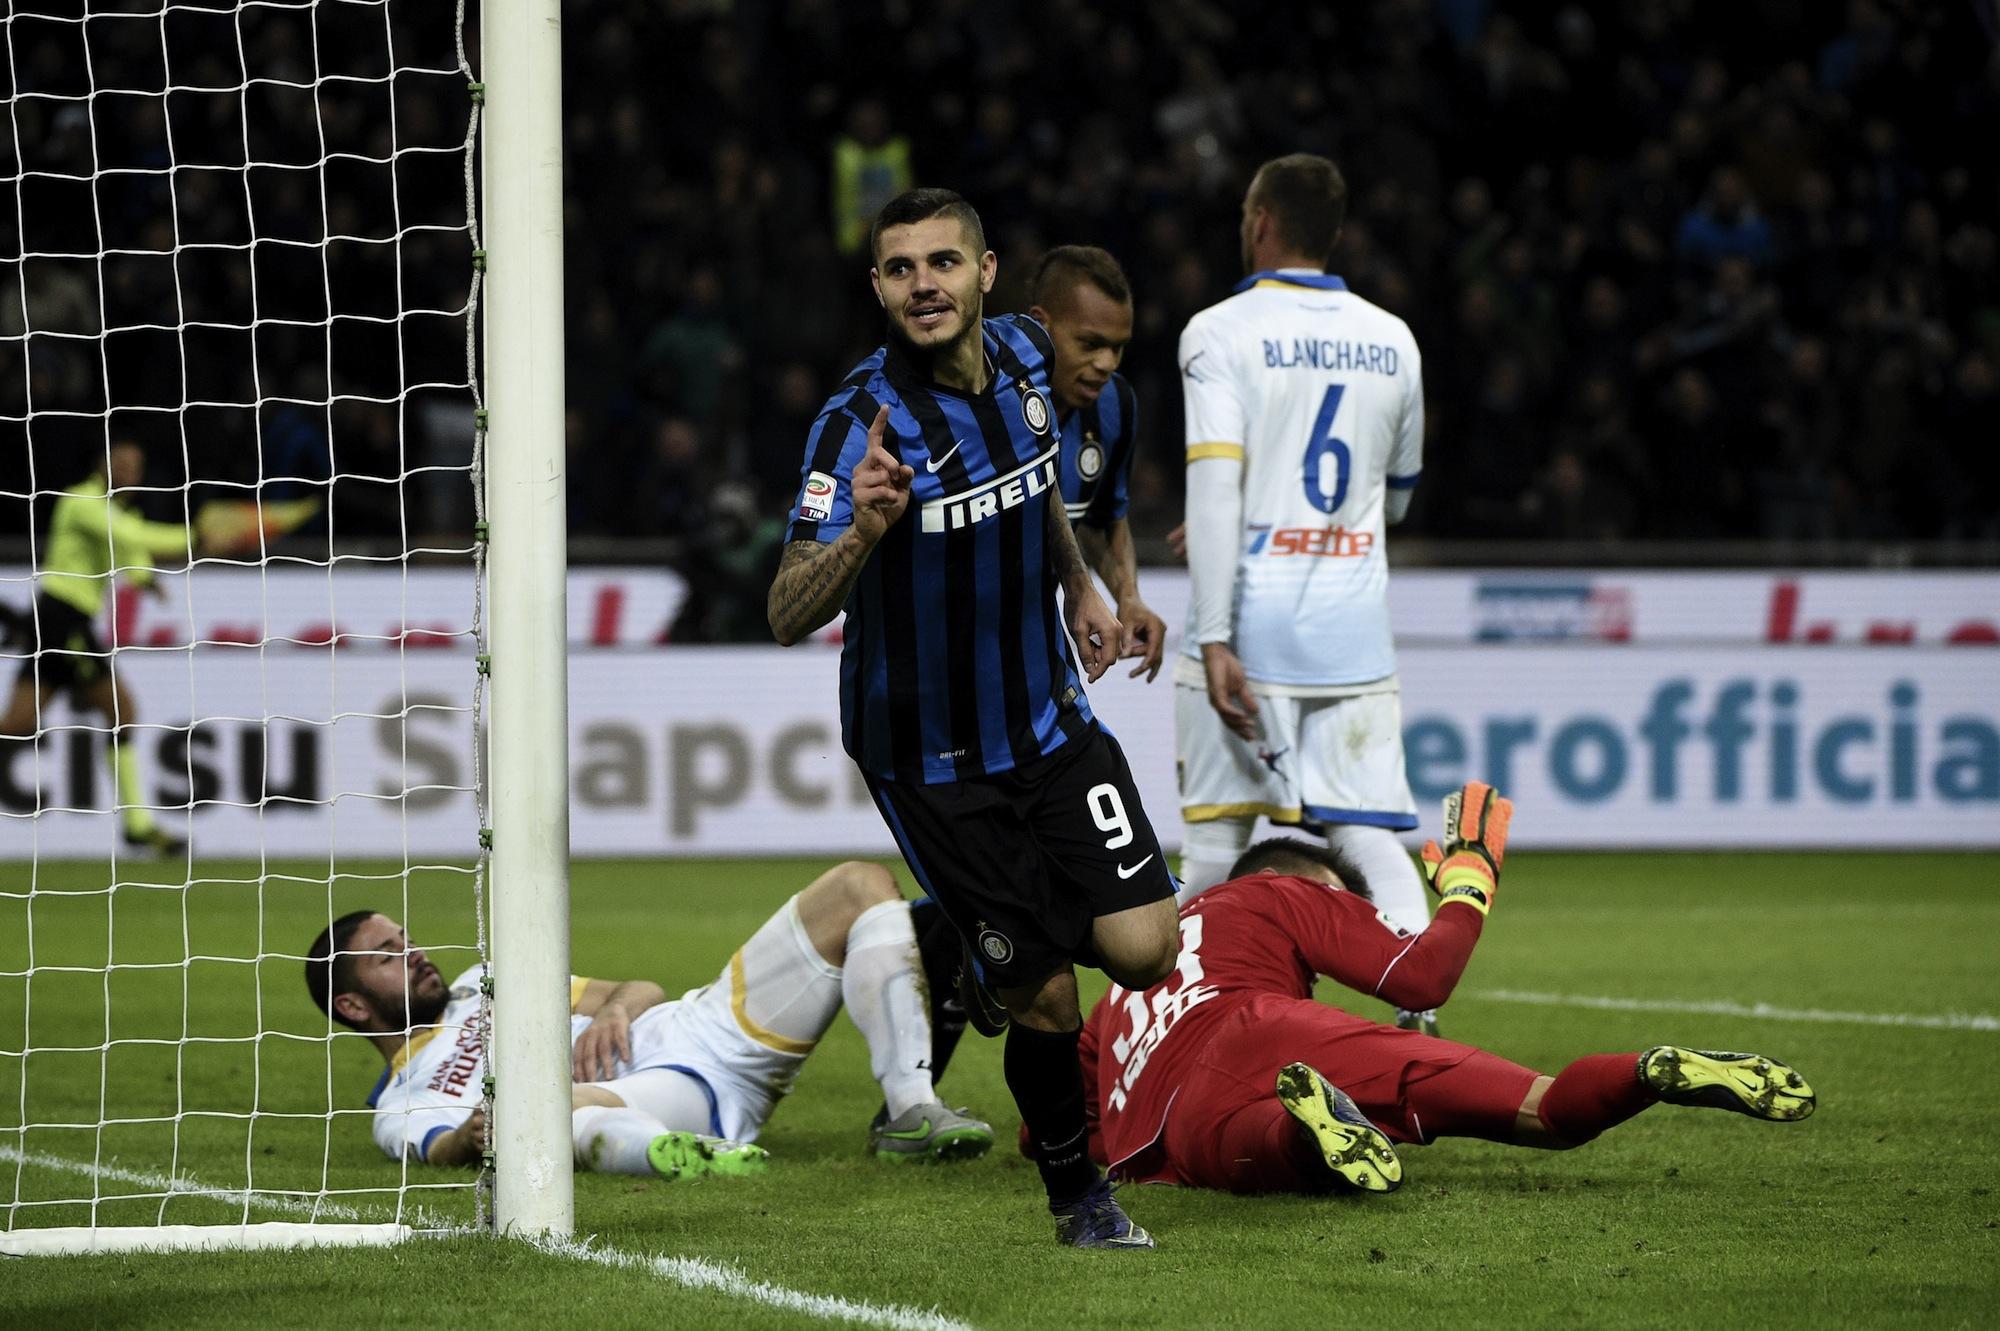 L'ultimo gol di Icardi in questo campionato, il 22 novembre nel 4-0 dell'Inter al Frosinone